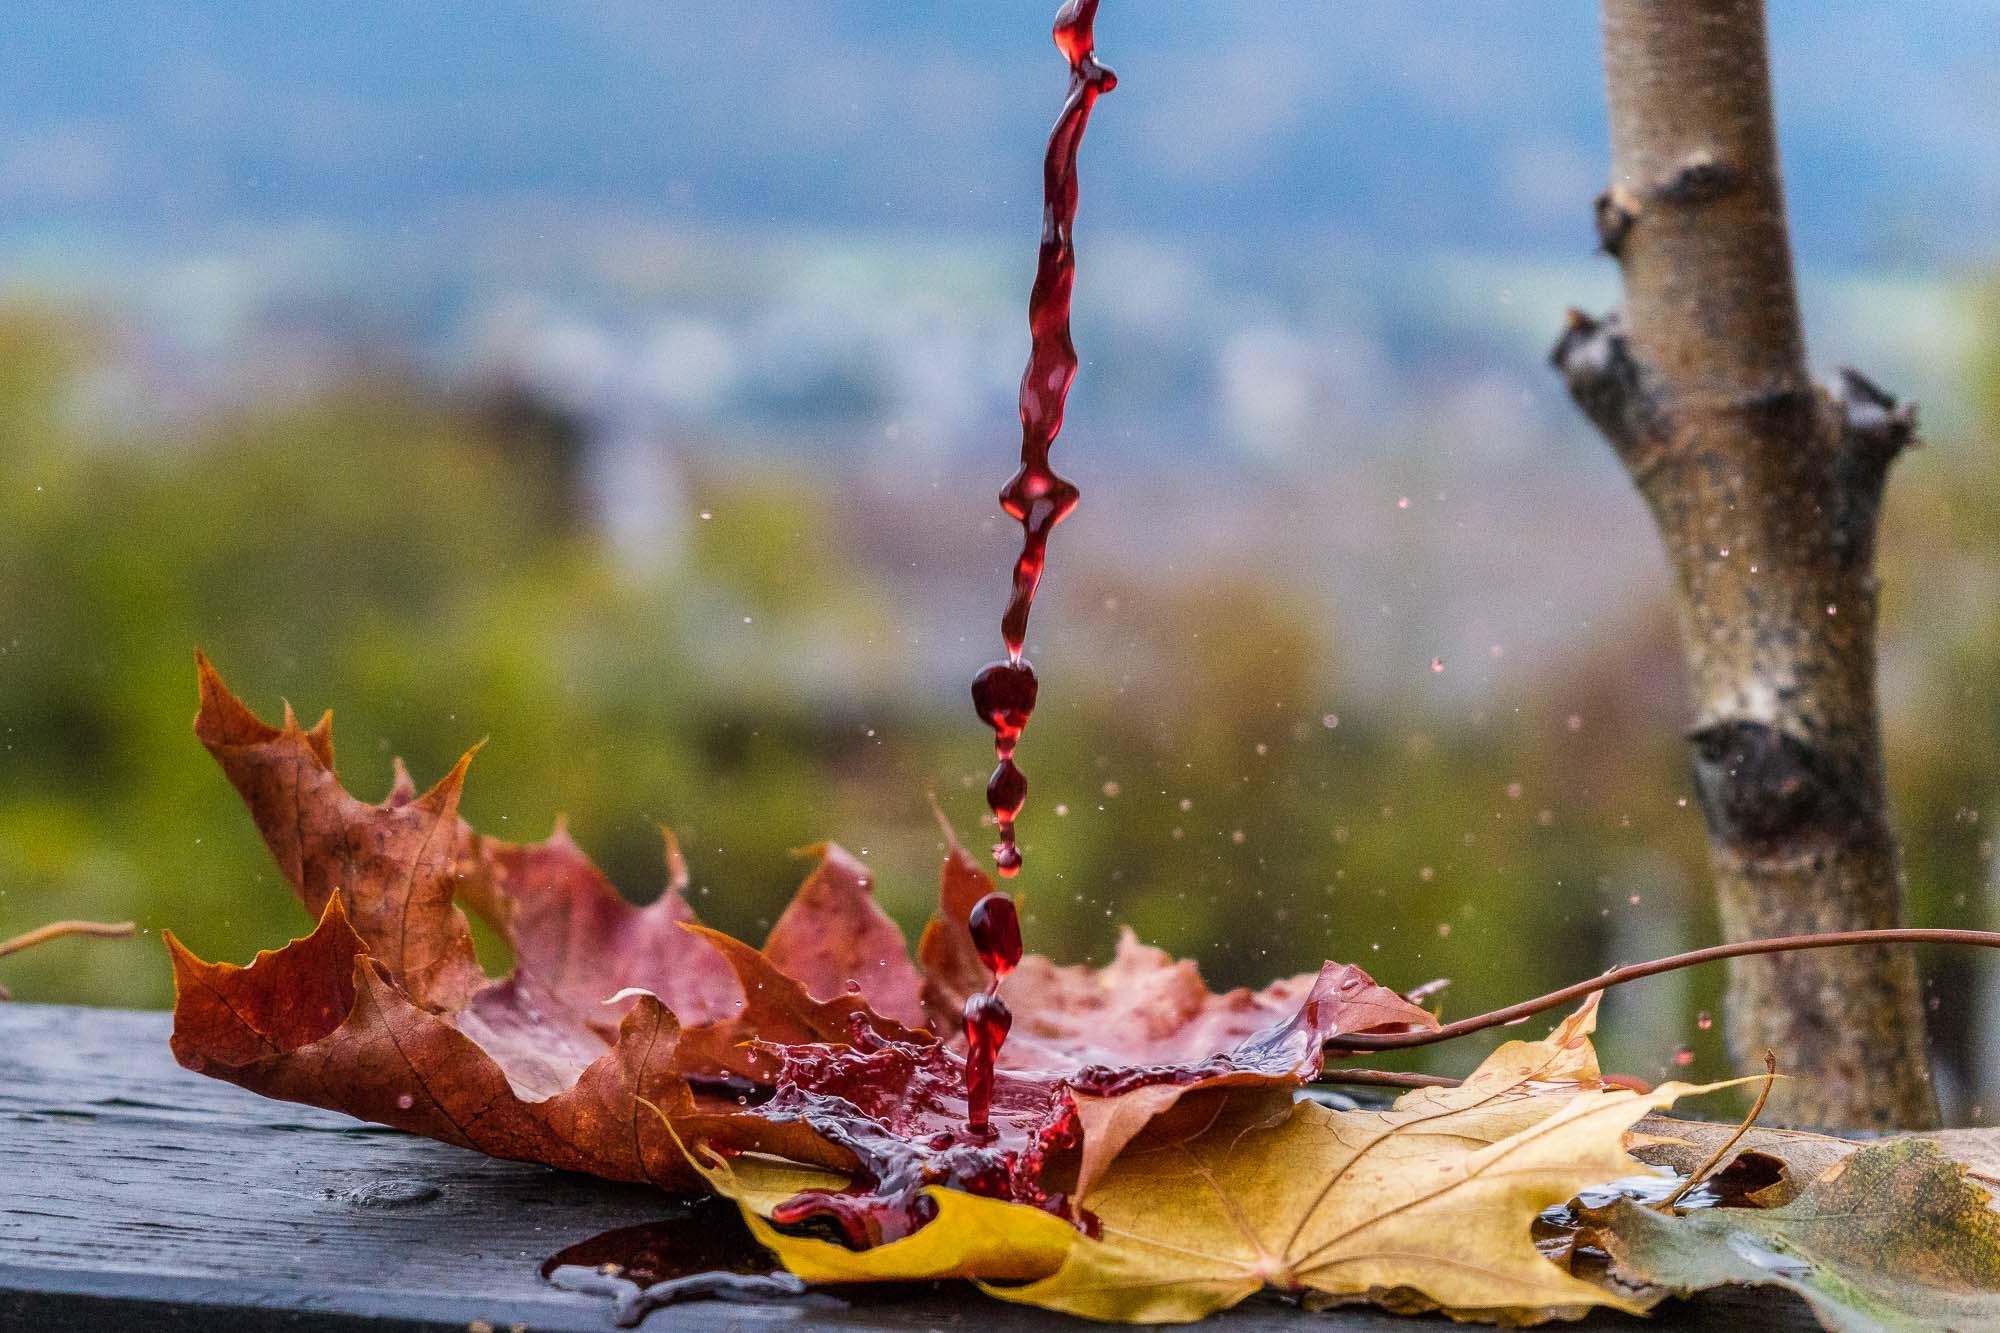 NY TID I EMNING Straks sommeren er endt, blir løvet tent (Nils Collett Vogt) Bildet er tatt med Sony A7 ISO 1600, f/5,6 og lukkertid 1/2500. Mitt ønske var å få frem fargen av rennende rødvin ned på røde og gule almeblader med en liten synlig sprut. Fargen i bakgrunnen er grønn som gir et tegn på skifte av årstid.